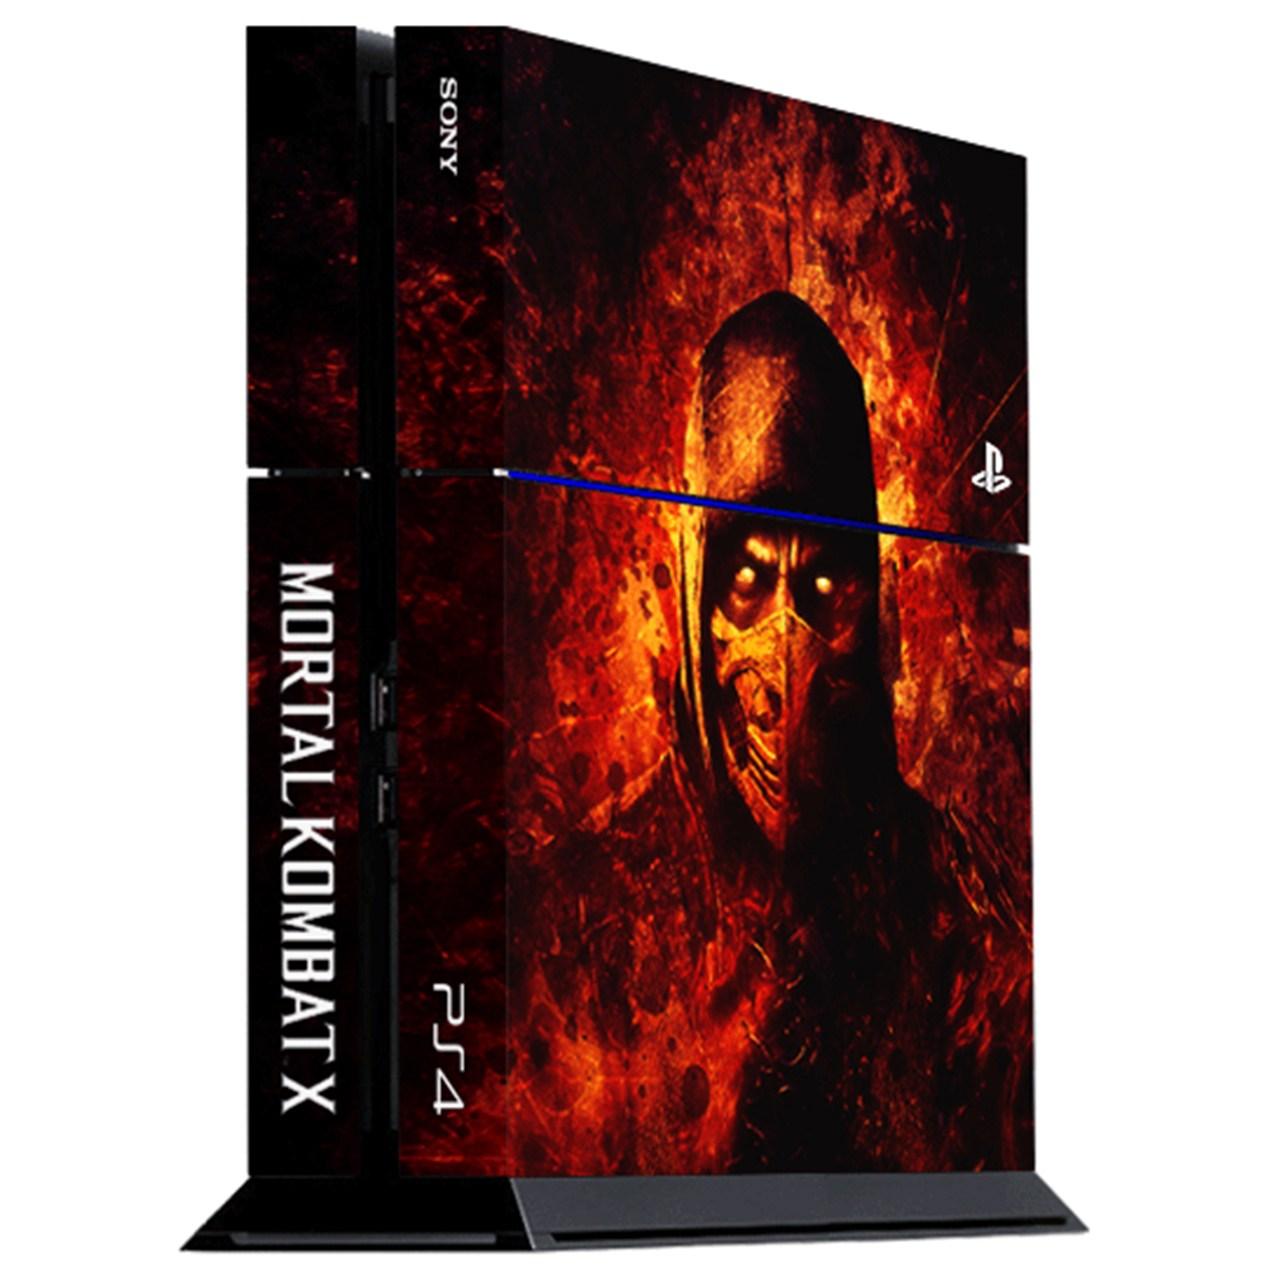 برچسب عمودی پلی استیشن 4 ونسونی طرح Mortal Kombat